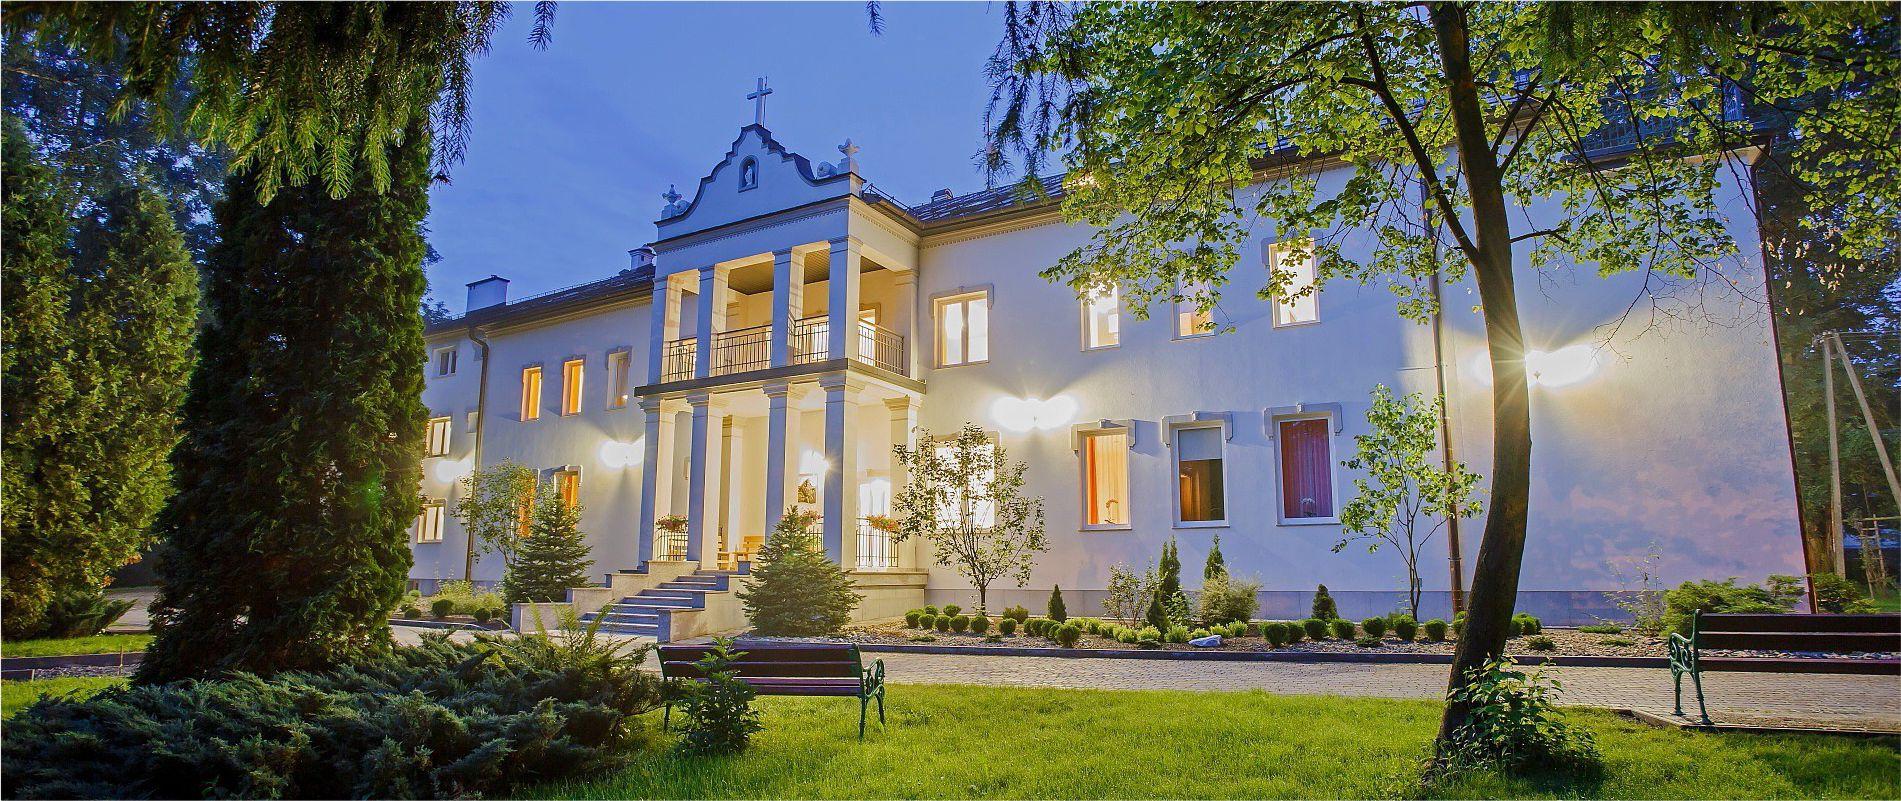 palac_seniora-slajd-budynek-placowka-domu-opieki-starosci